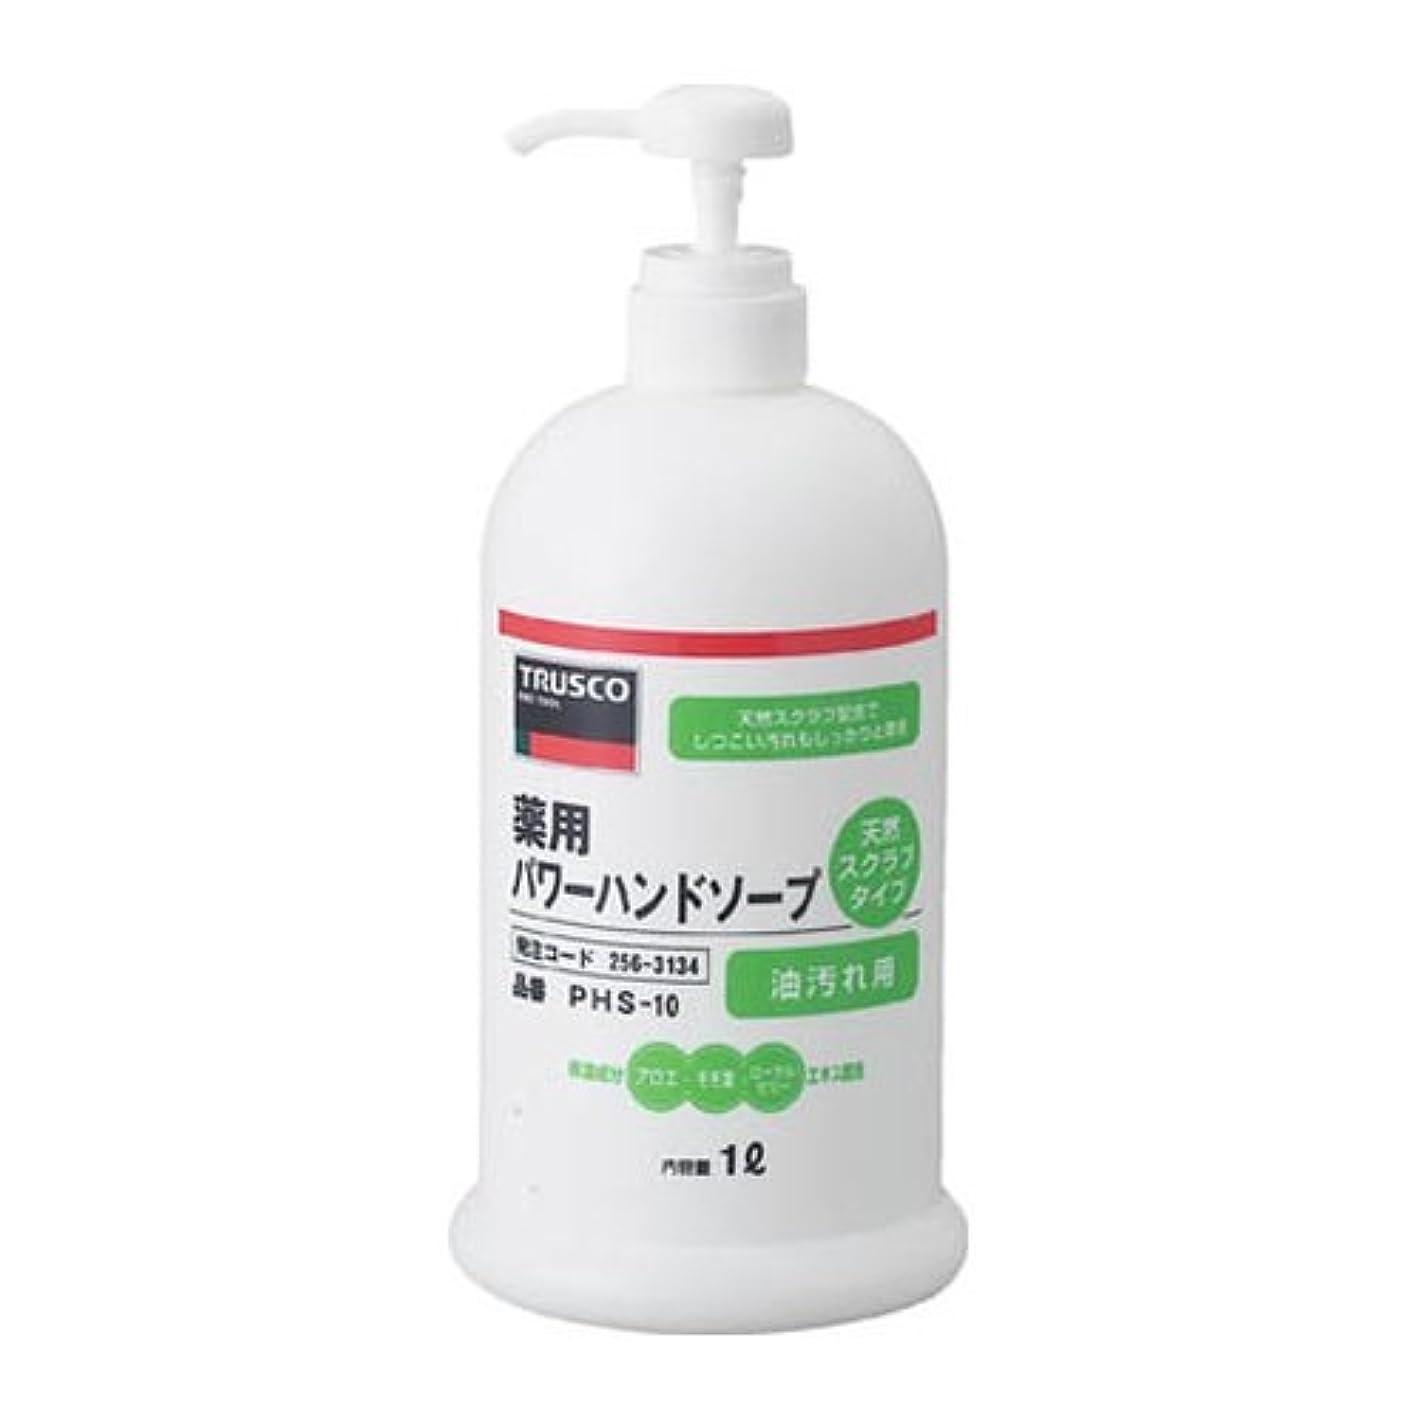 腐食するオートメーションずっとTRUSCO 薬用パワーハンドソープポンプボトル1.0L